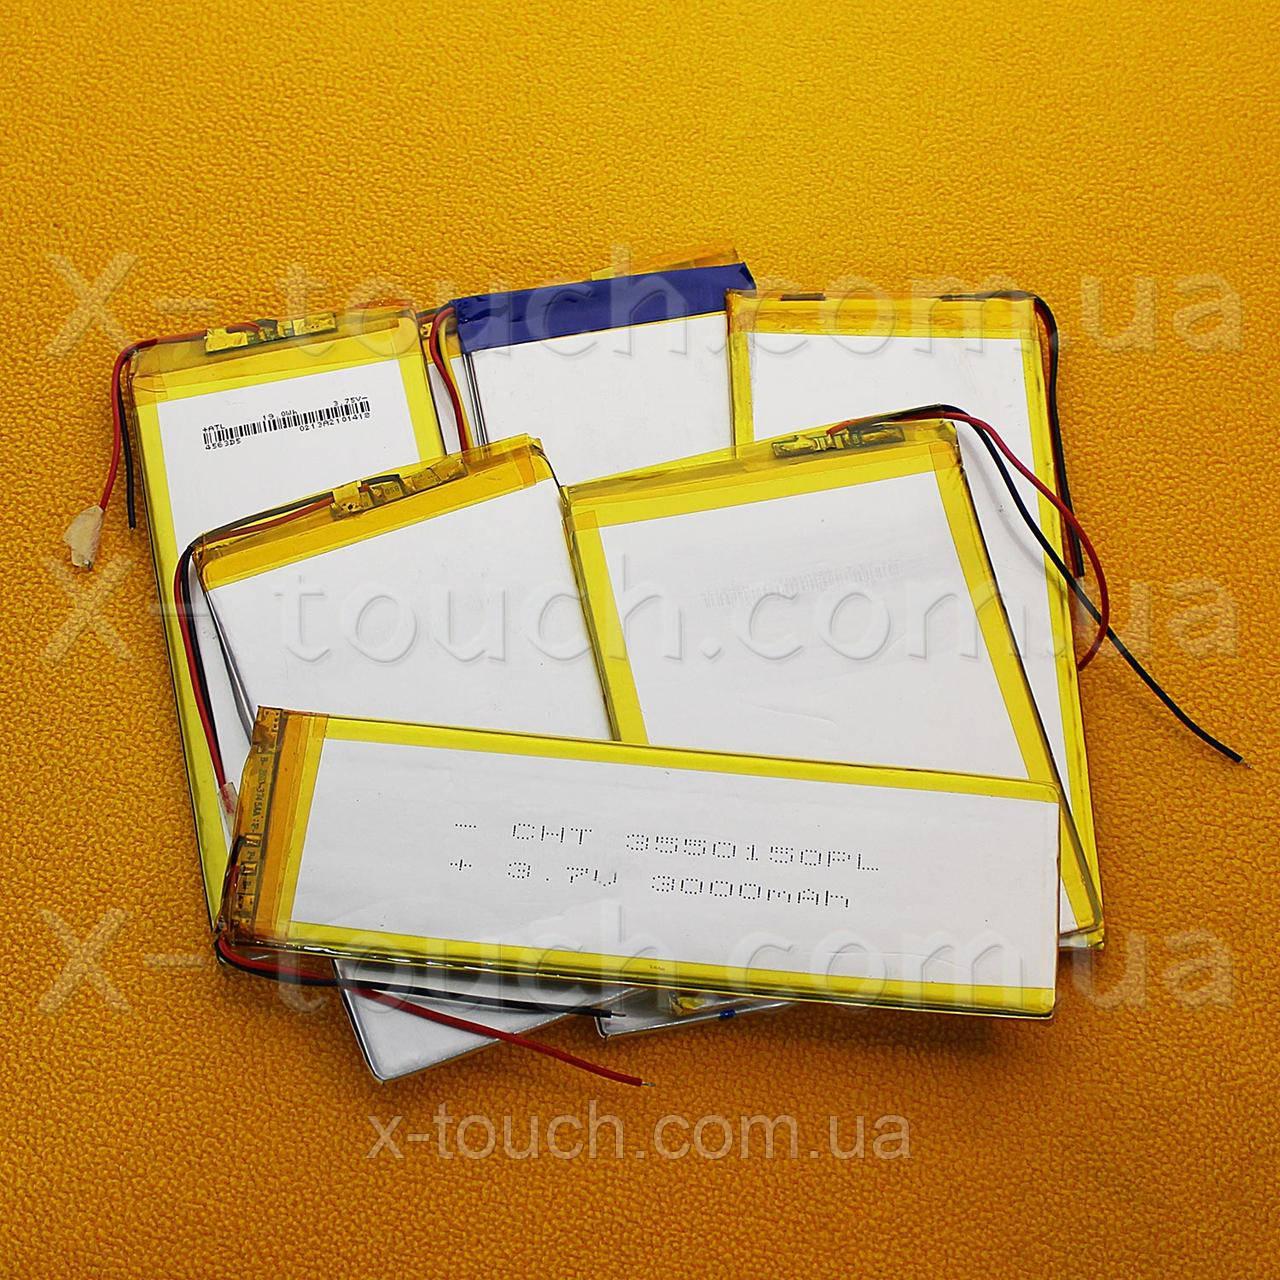 Аккумулятор, батарея для планшета CROWN B701, 3,7V, 3000mAh